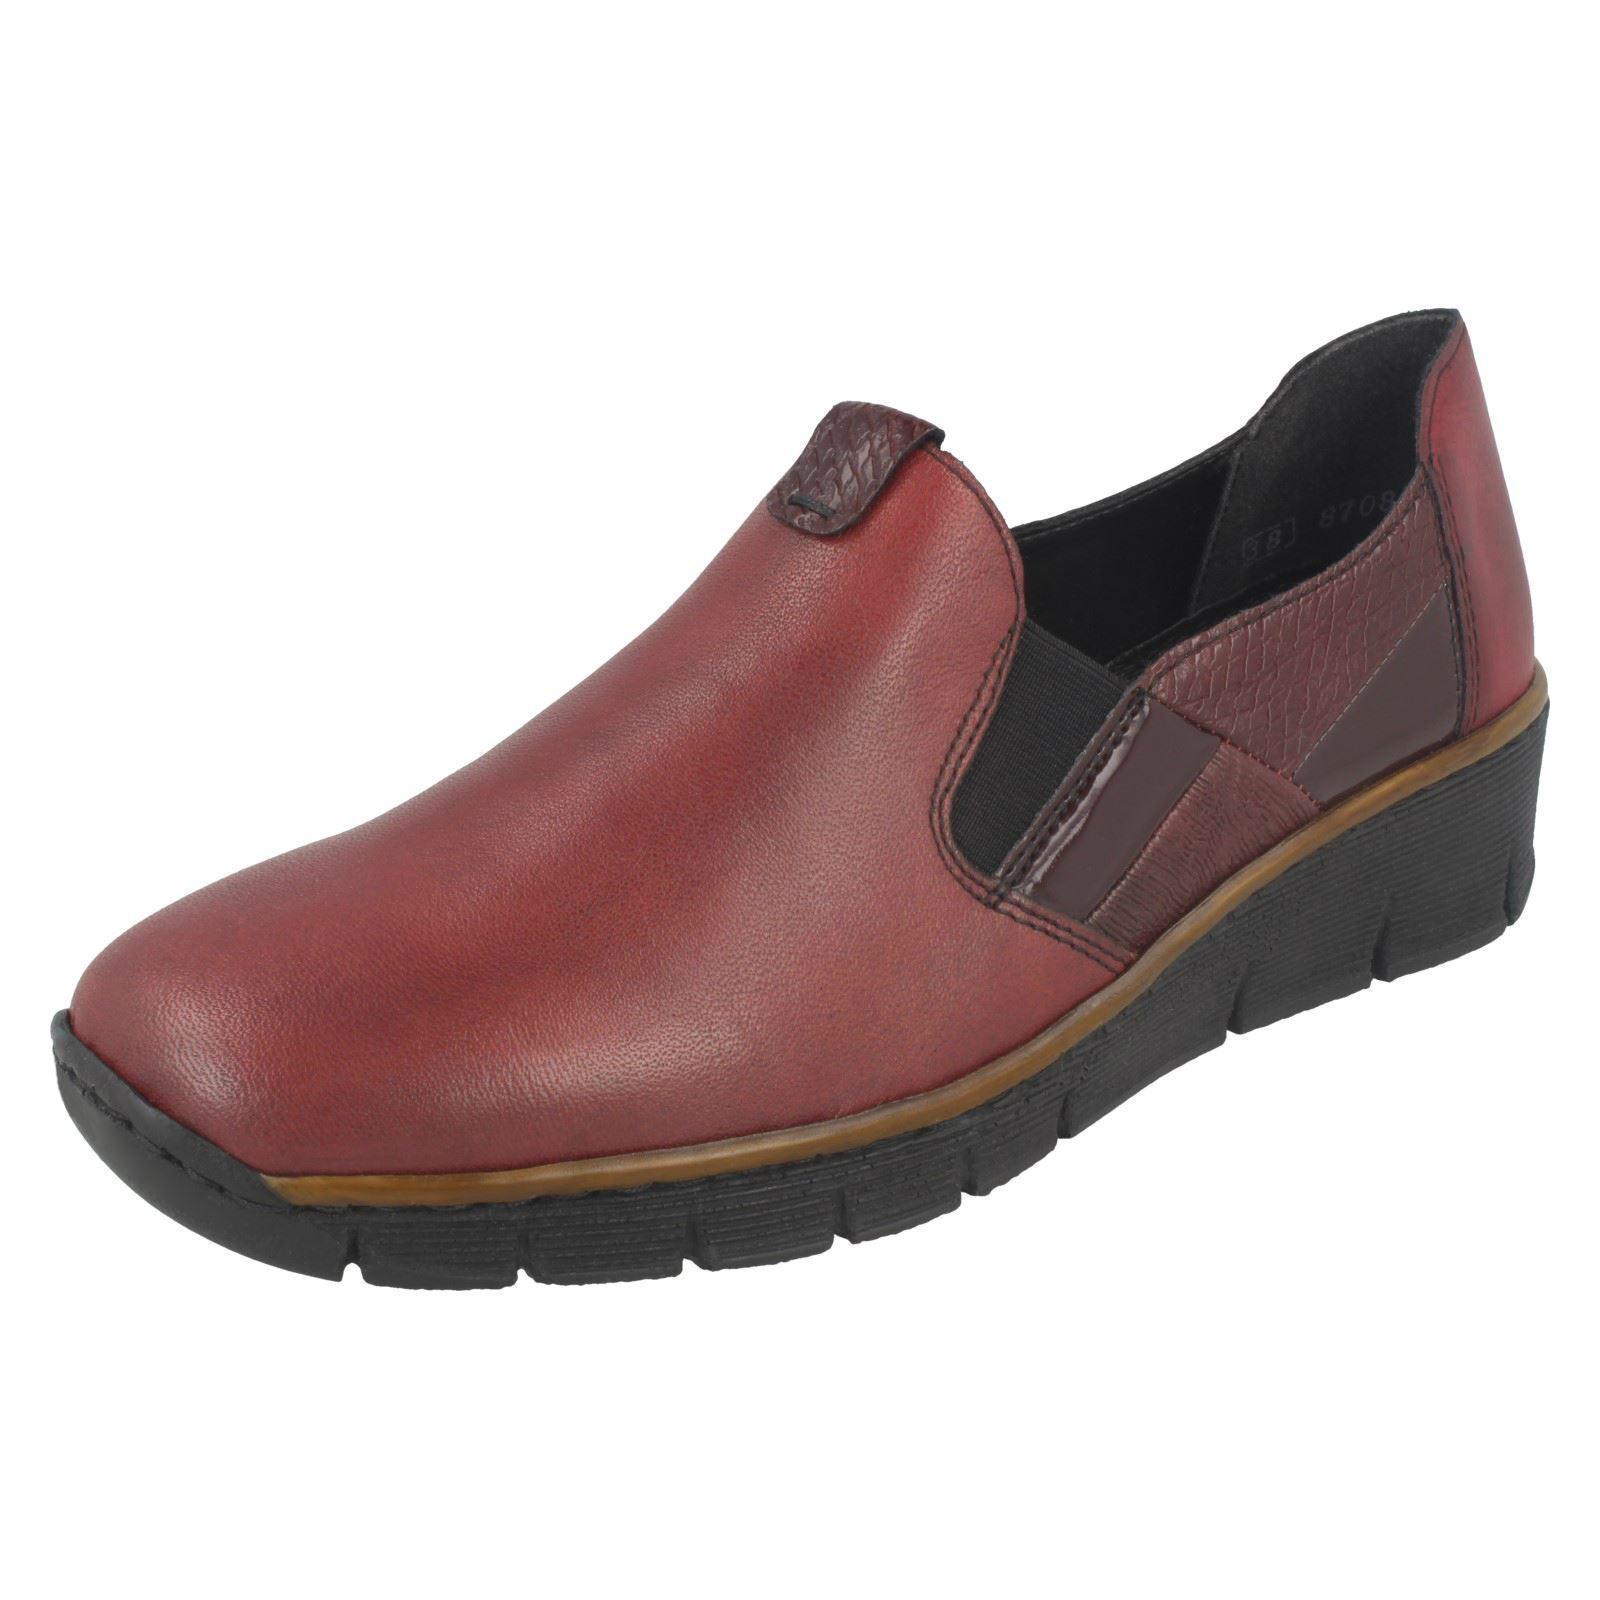 Rieker Damen Freizeitschuhe 53754 Günstige und gute Schuhe